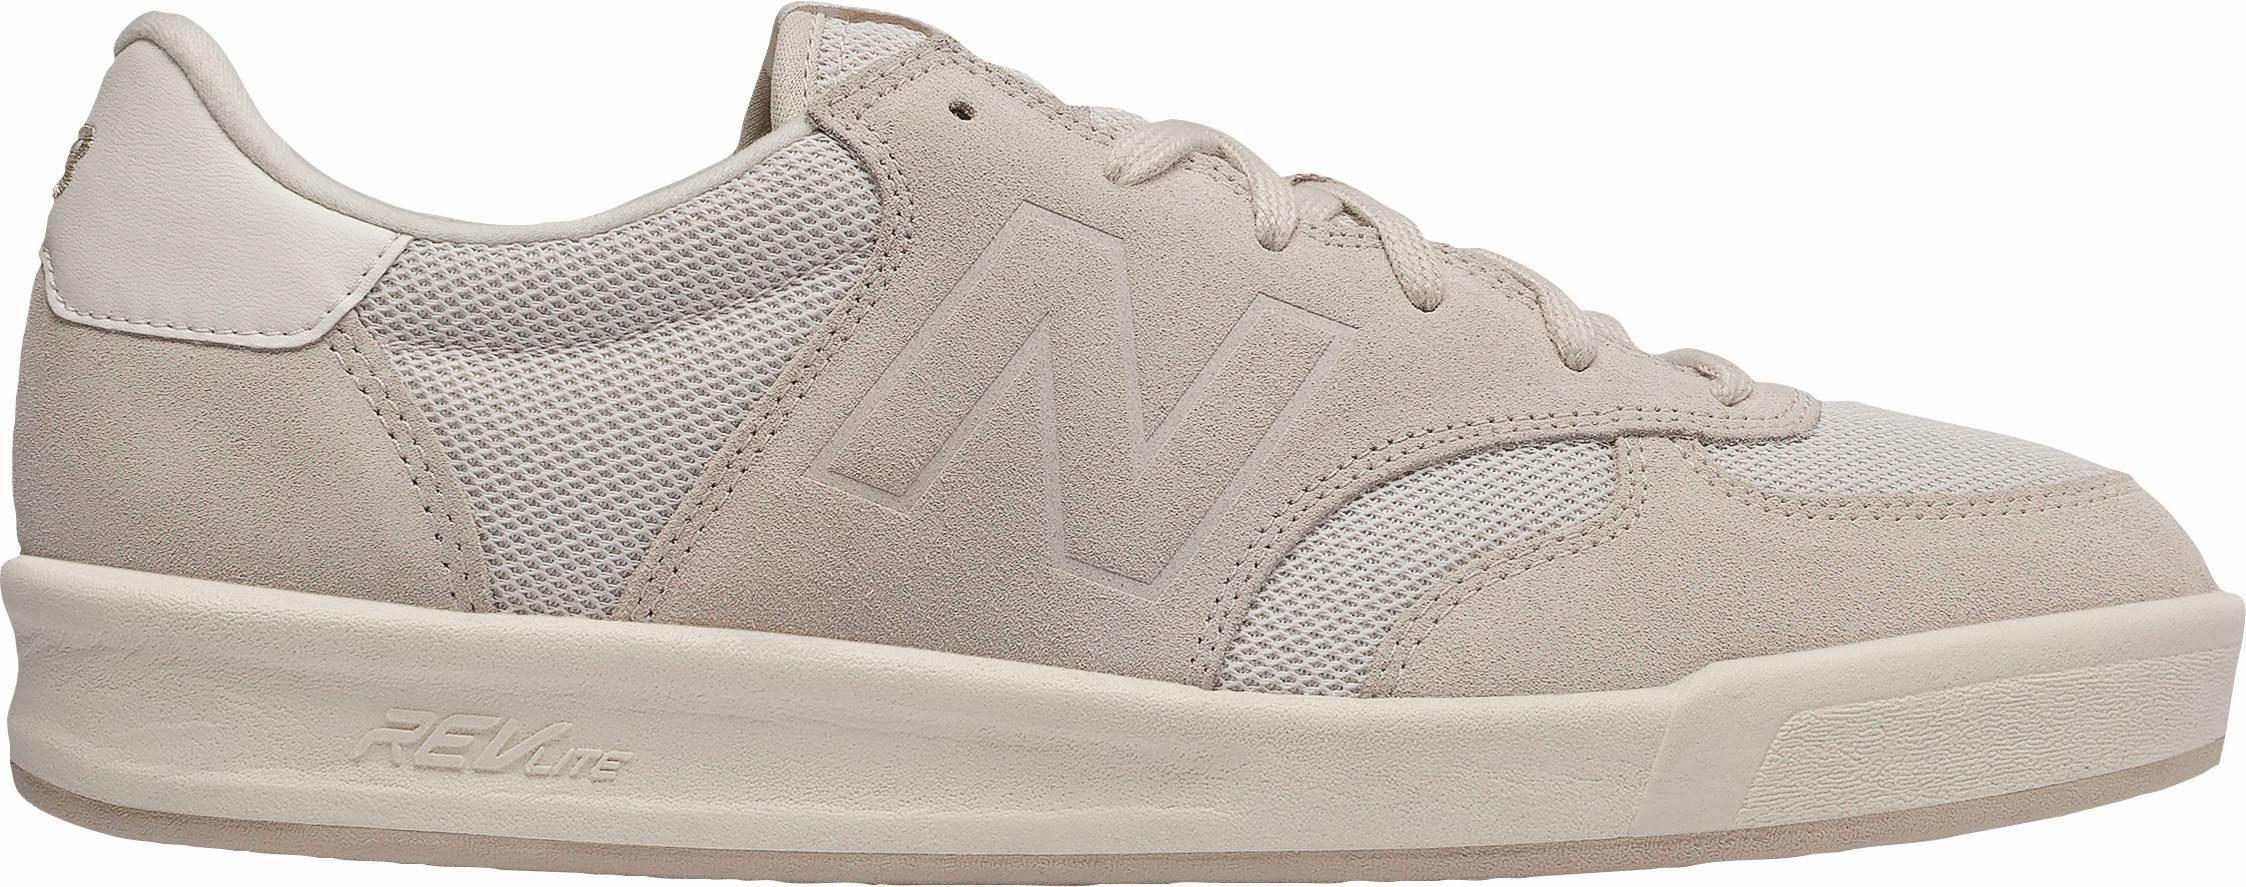 New Balance CRT 300 Sneaker online kaufen  offwhite